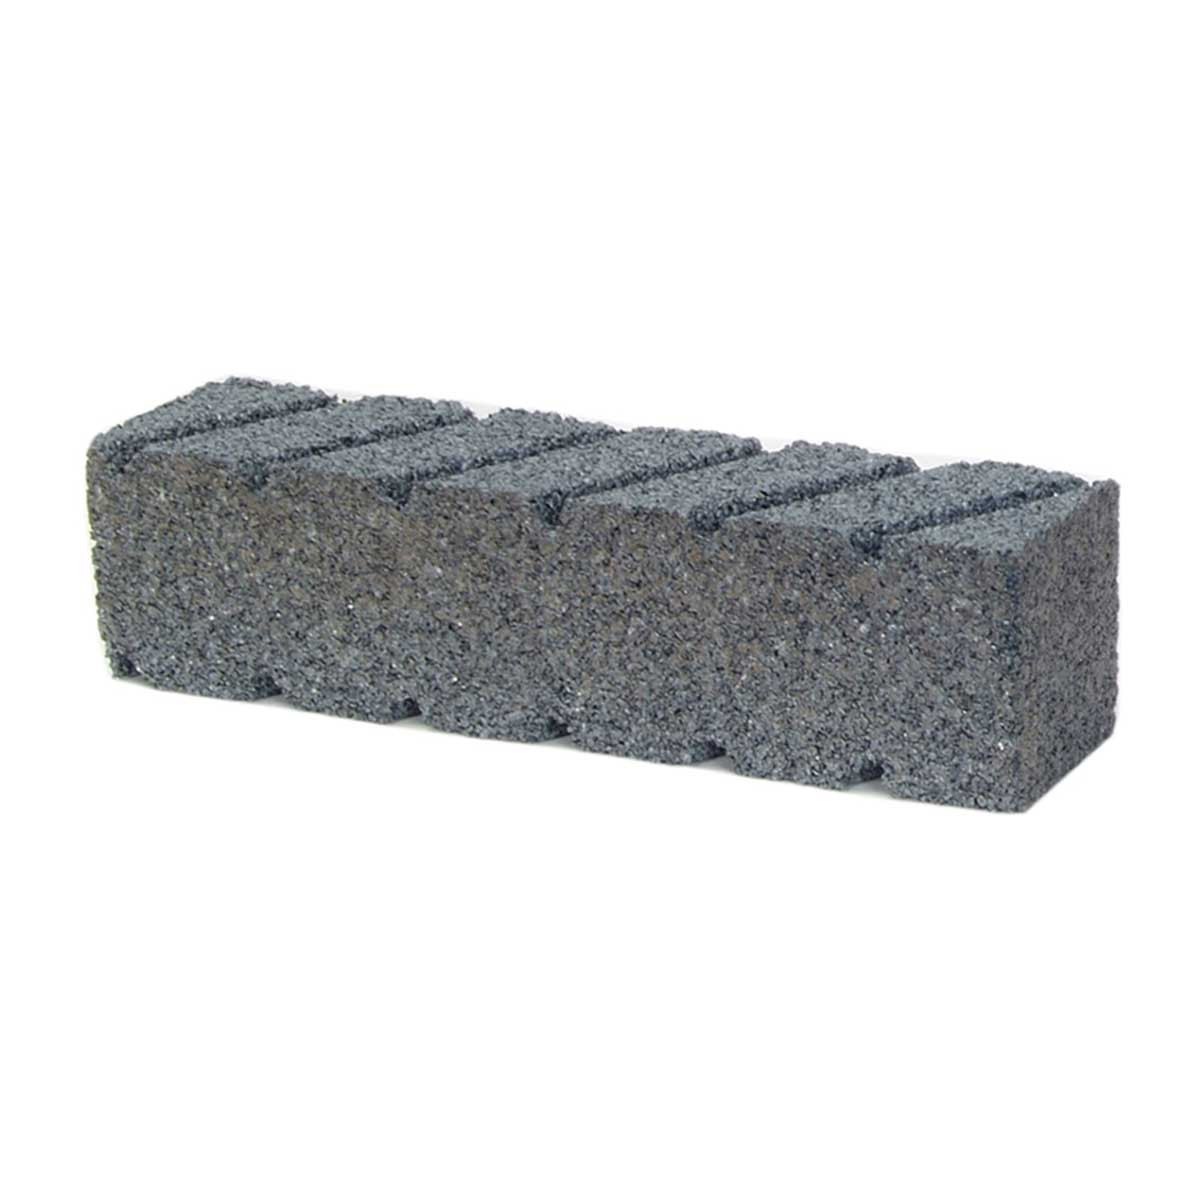 Fluted Rub Brick Silicon Carbide